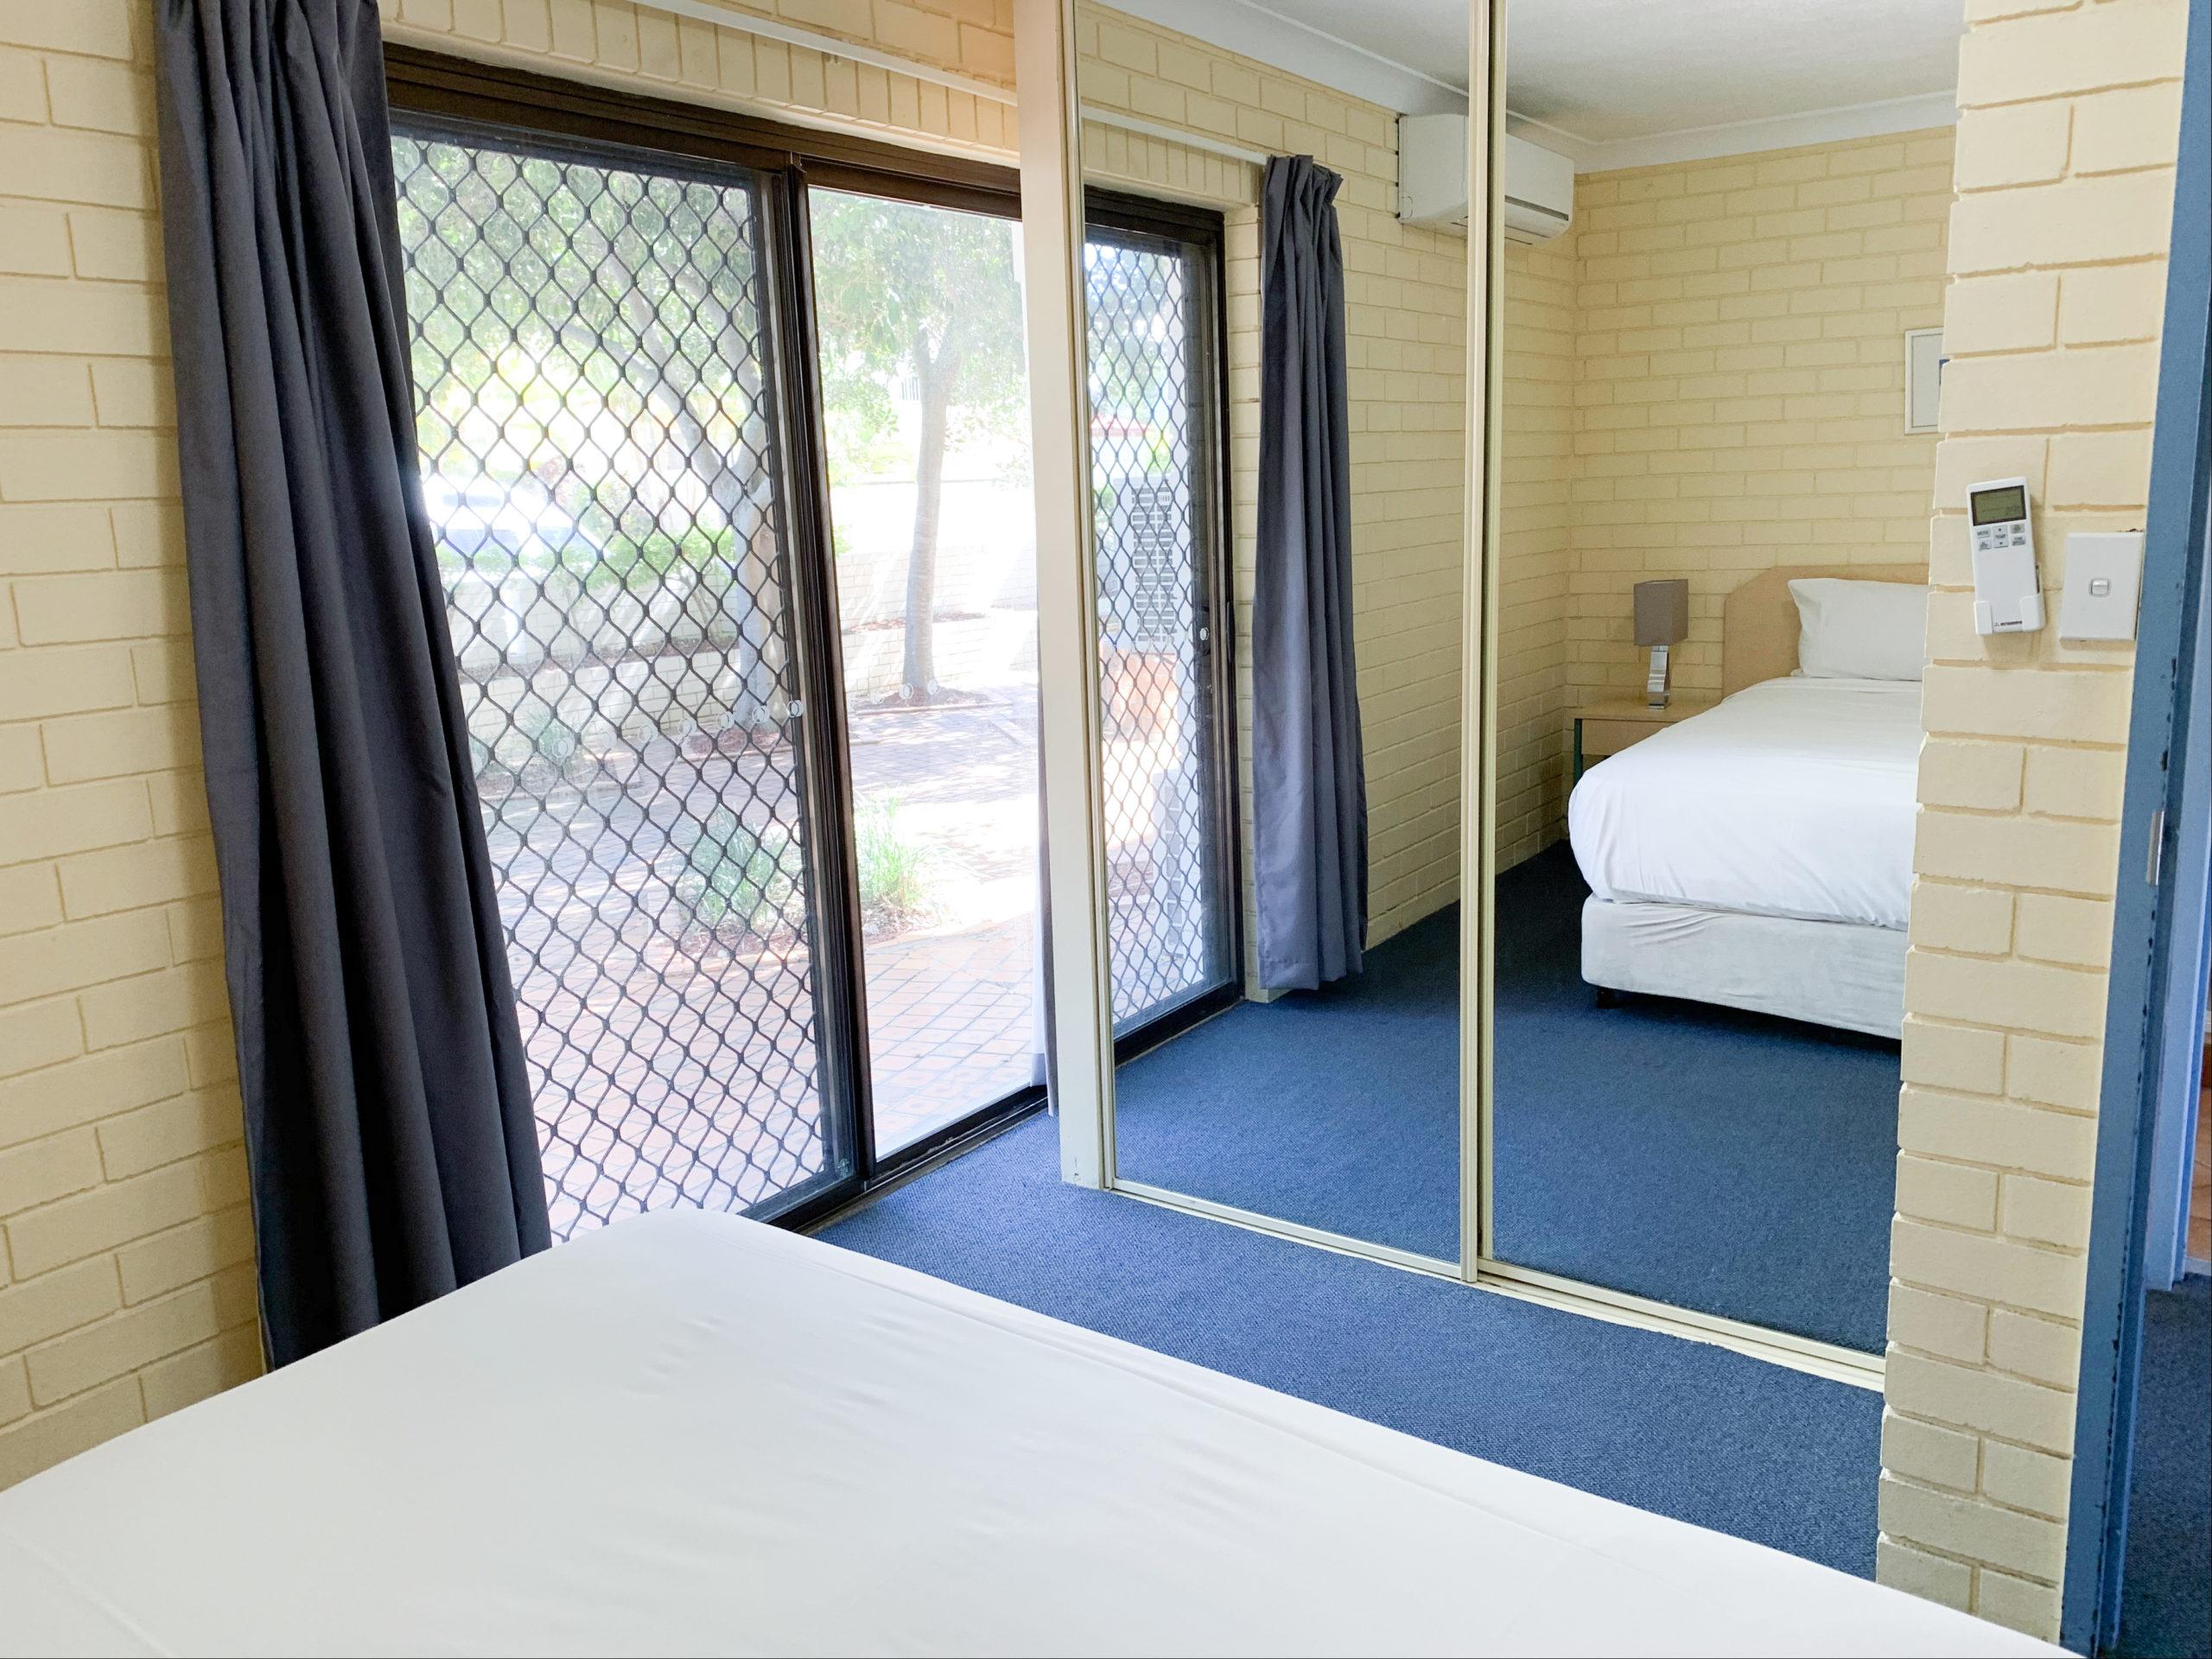 harbourside-resort-gold-coast-one-bedroom-apartment-bedroom